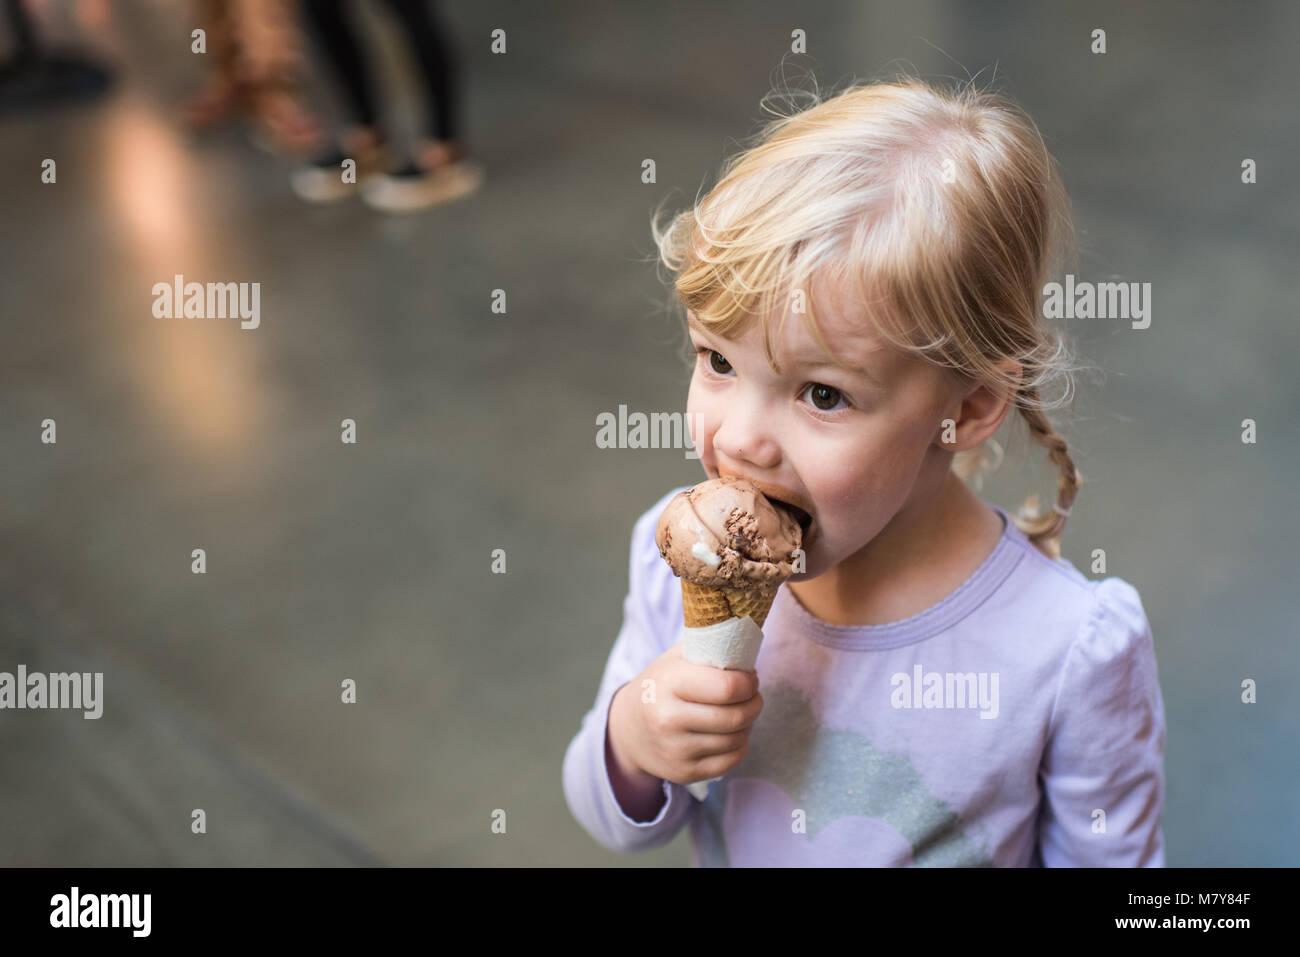 Kinder essen Eis auf dem Marktplatz Stockbild